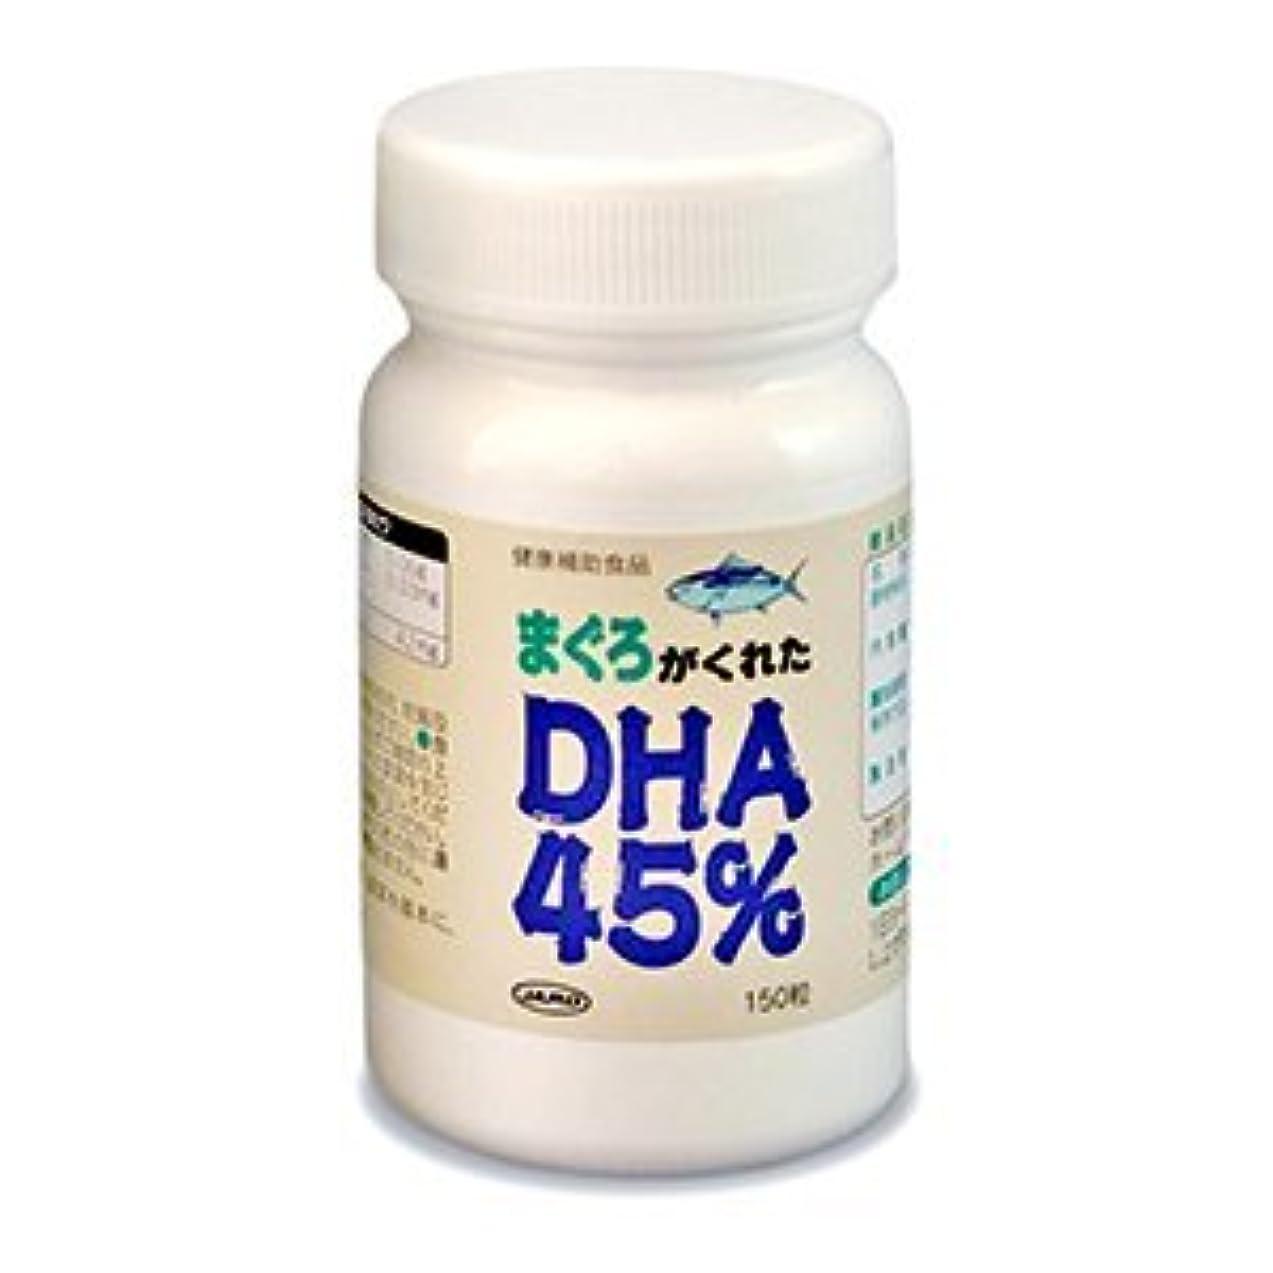 鑑定エレメンタルハプニングまぐろがくれたDHA45% 150粒(約1ヶ月分)